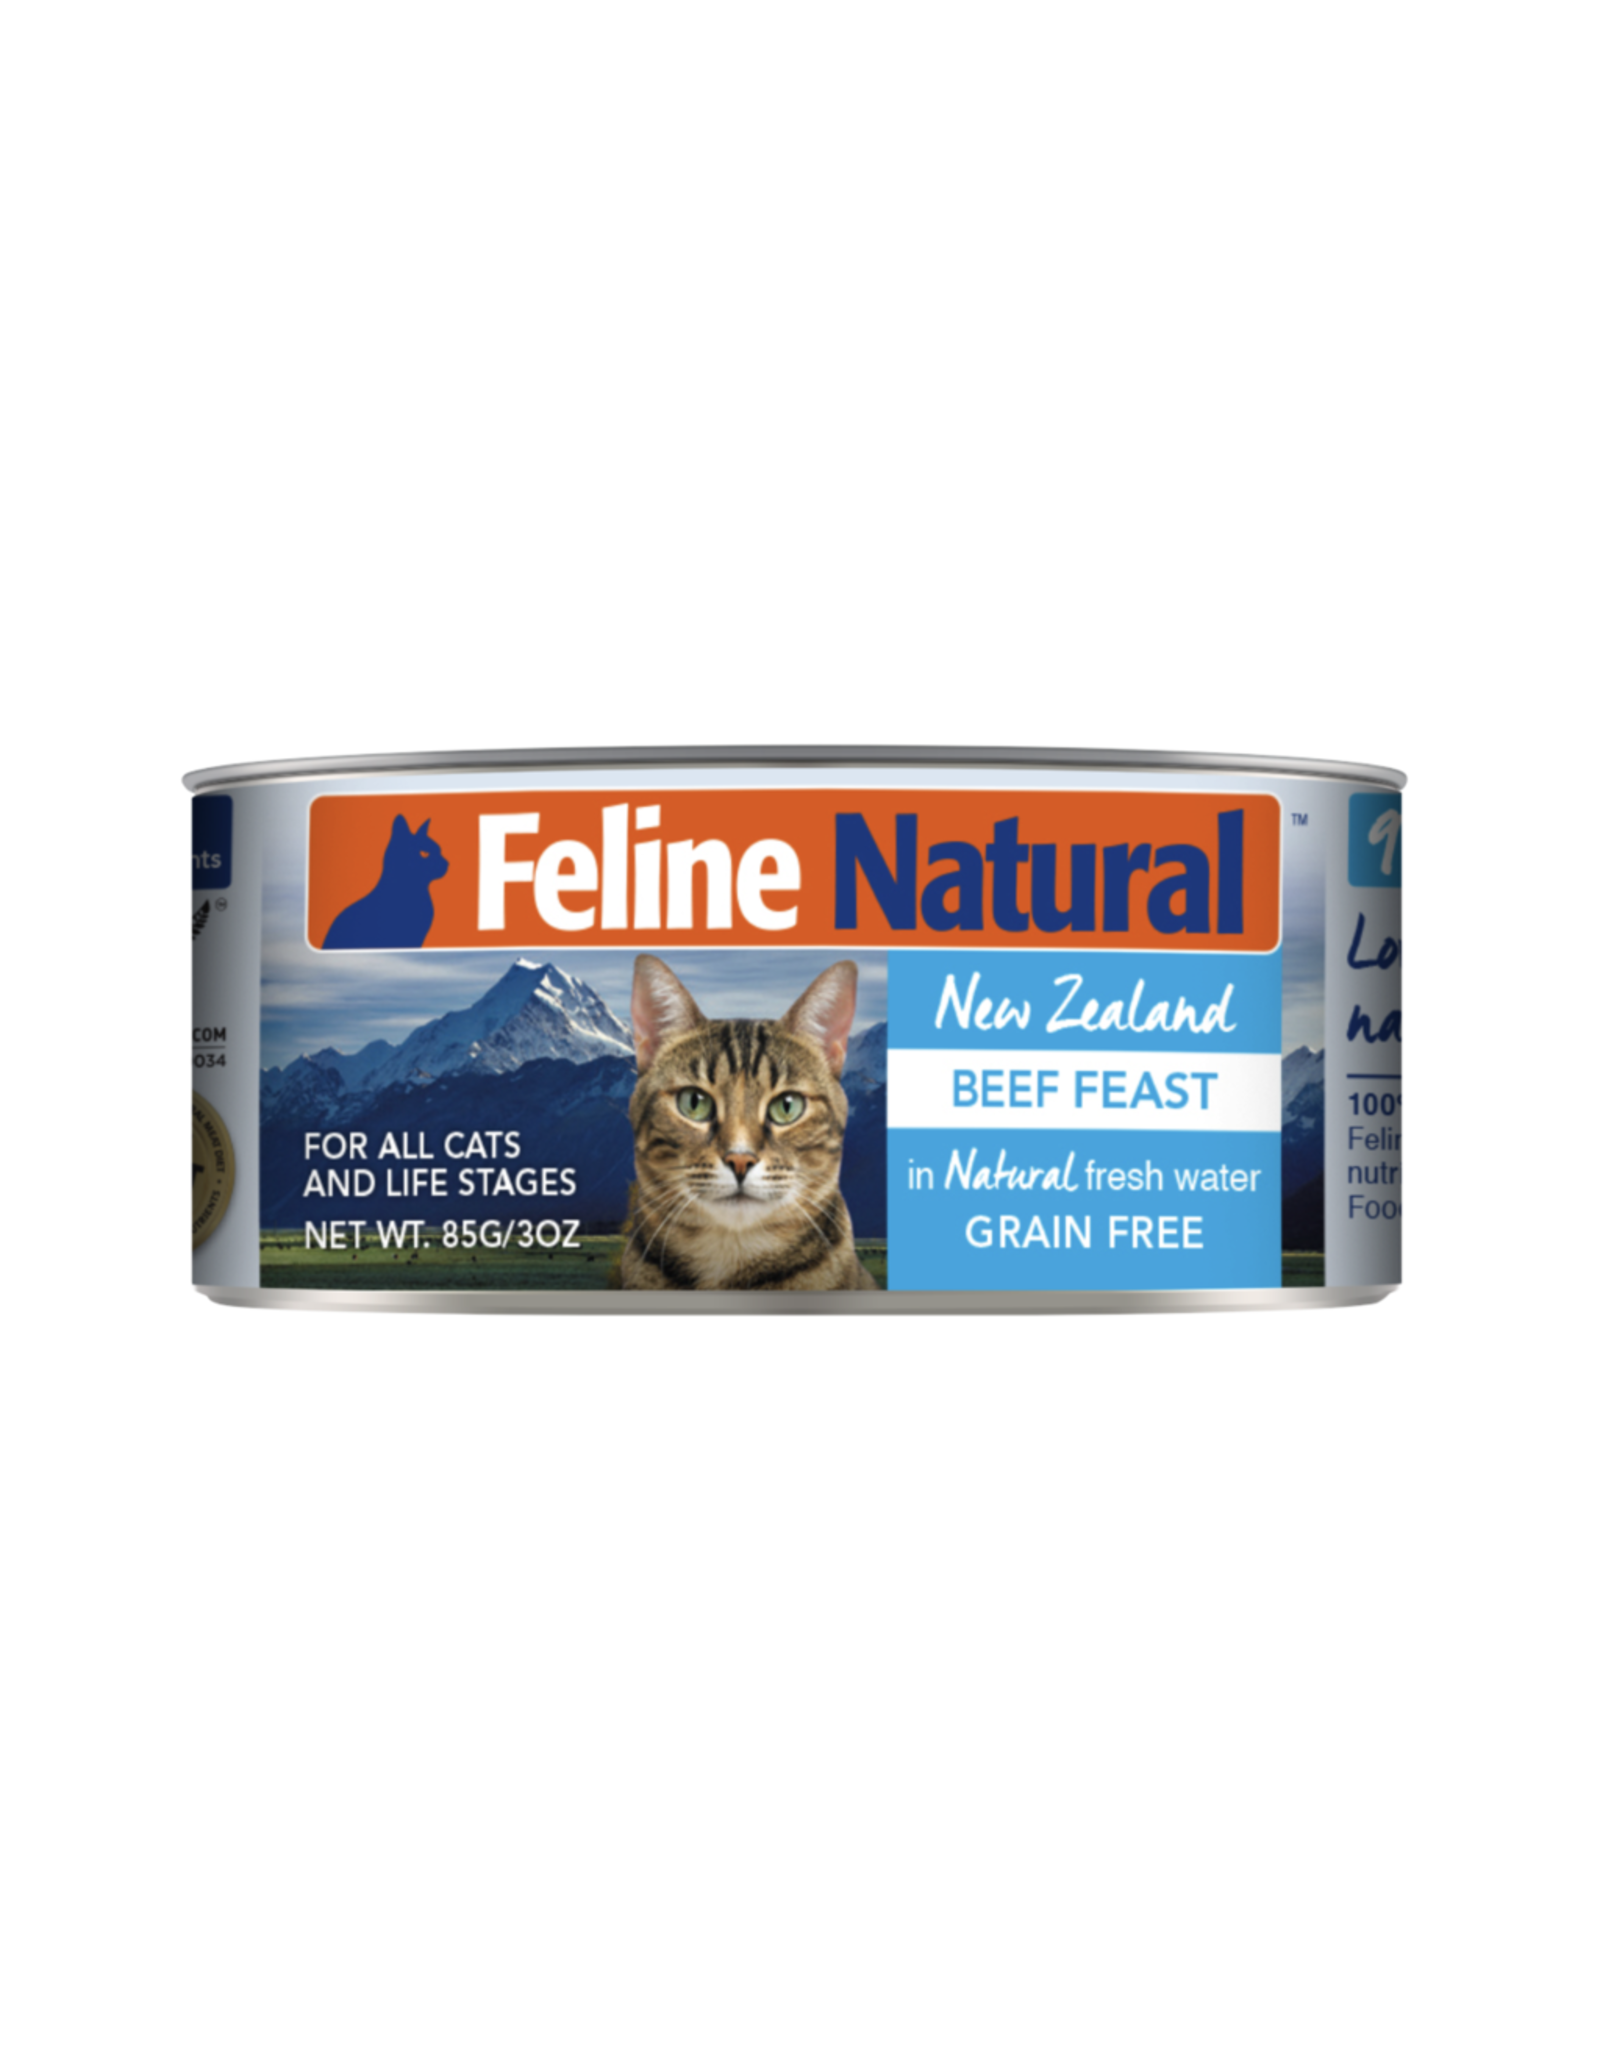 Feline Natural Feline Natural Beef Feast